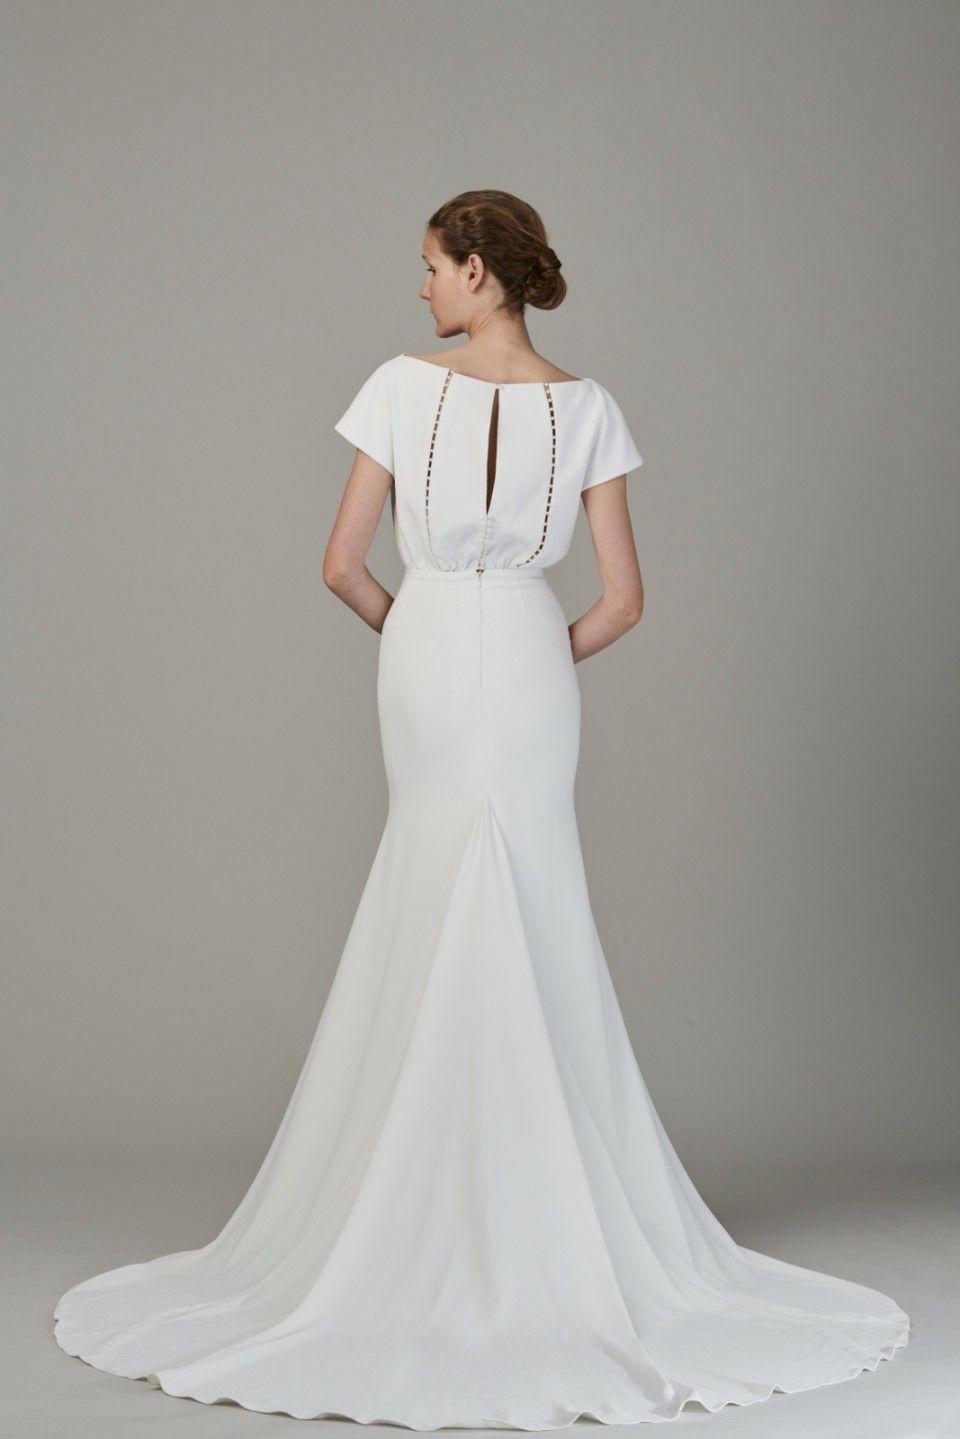 The Sands By Lela Rose Bridal GownTrumpet Volume2 Pinterest - Lela Rose Wedding Dresses